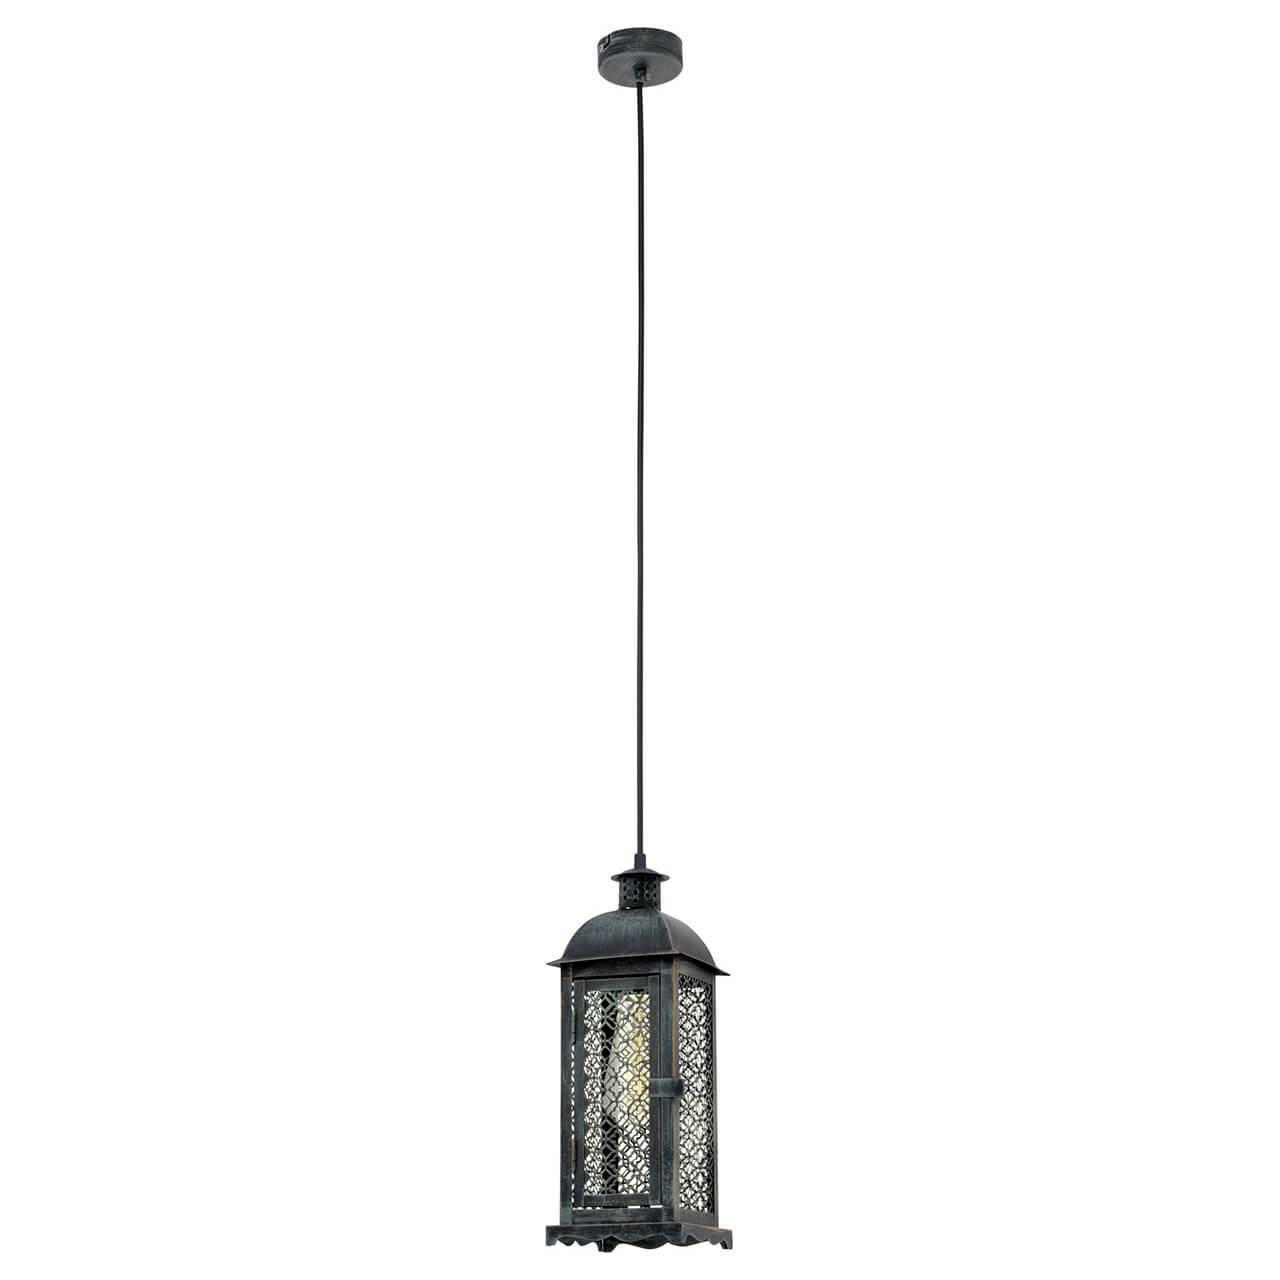 Подвесной светильник Eglo 49215, E27, 60 Вт